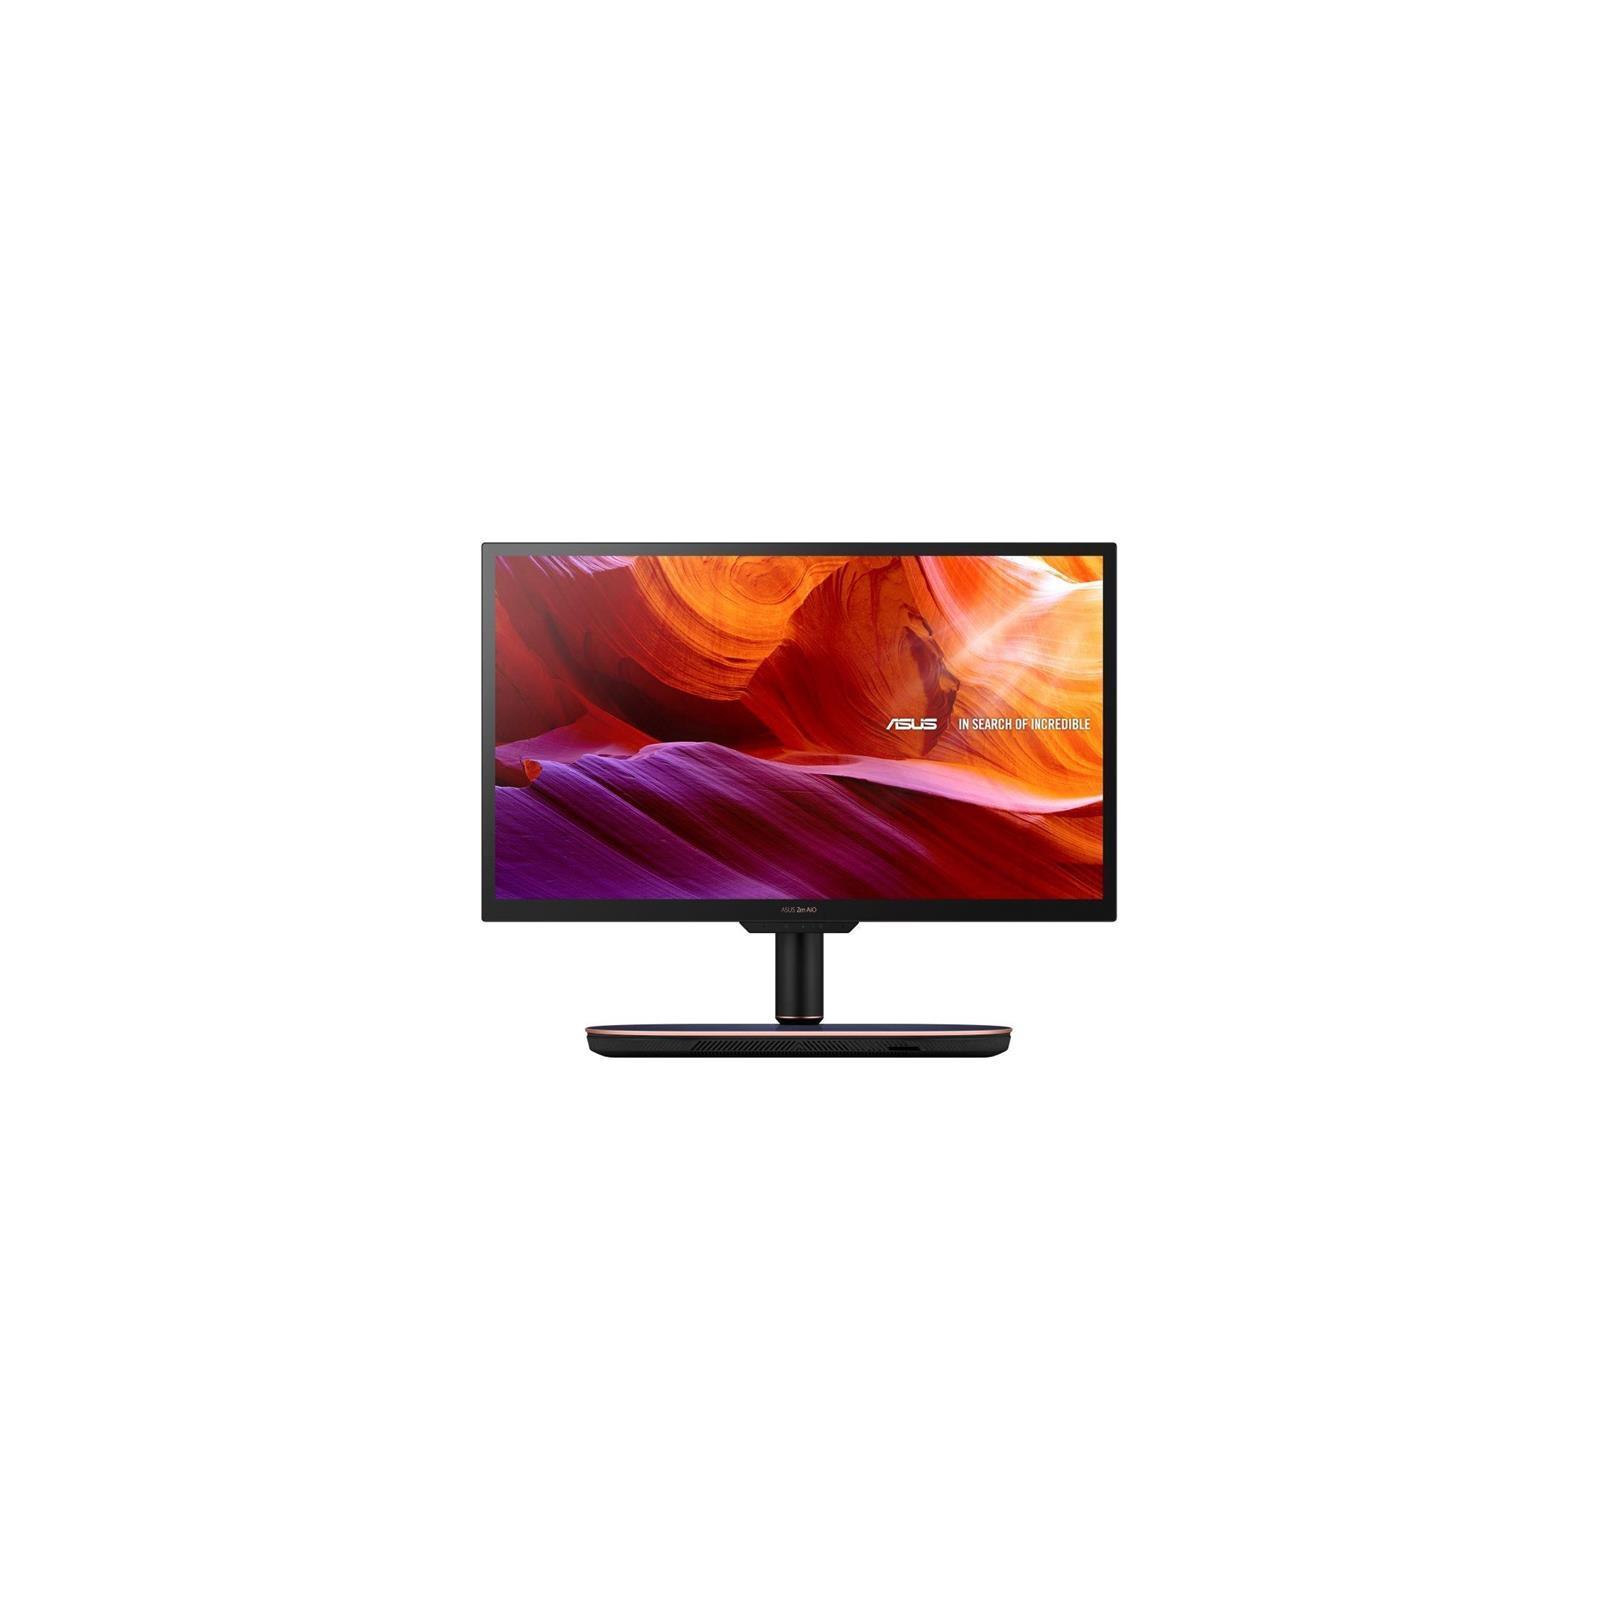 Компьютер ASUS Z272SDT-BA049T (90PT0281-M01420) изображение 8